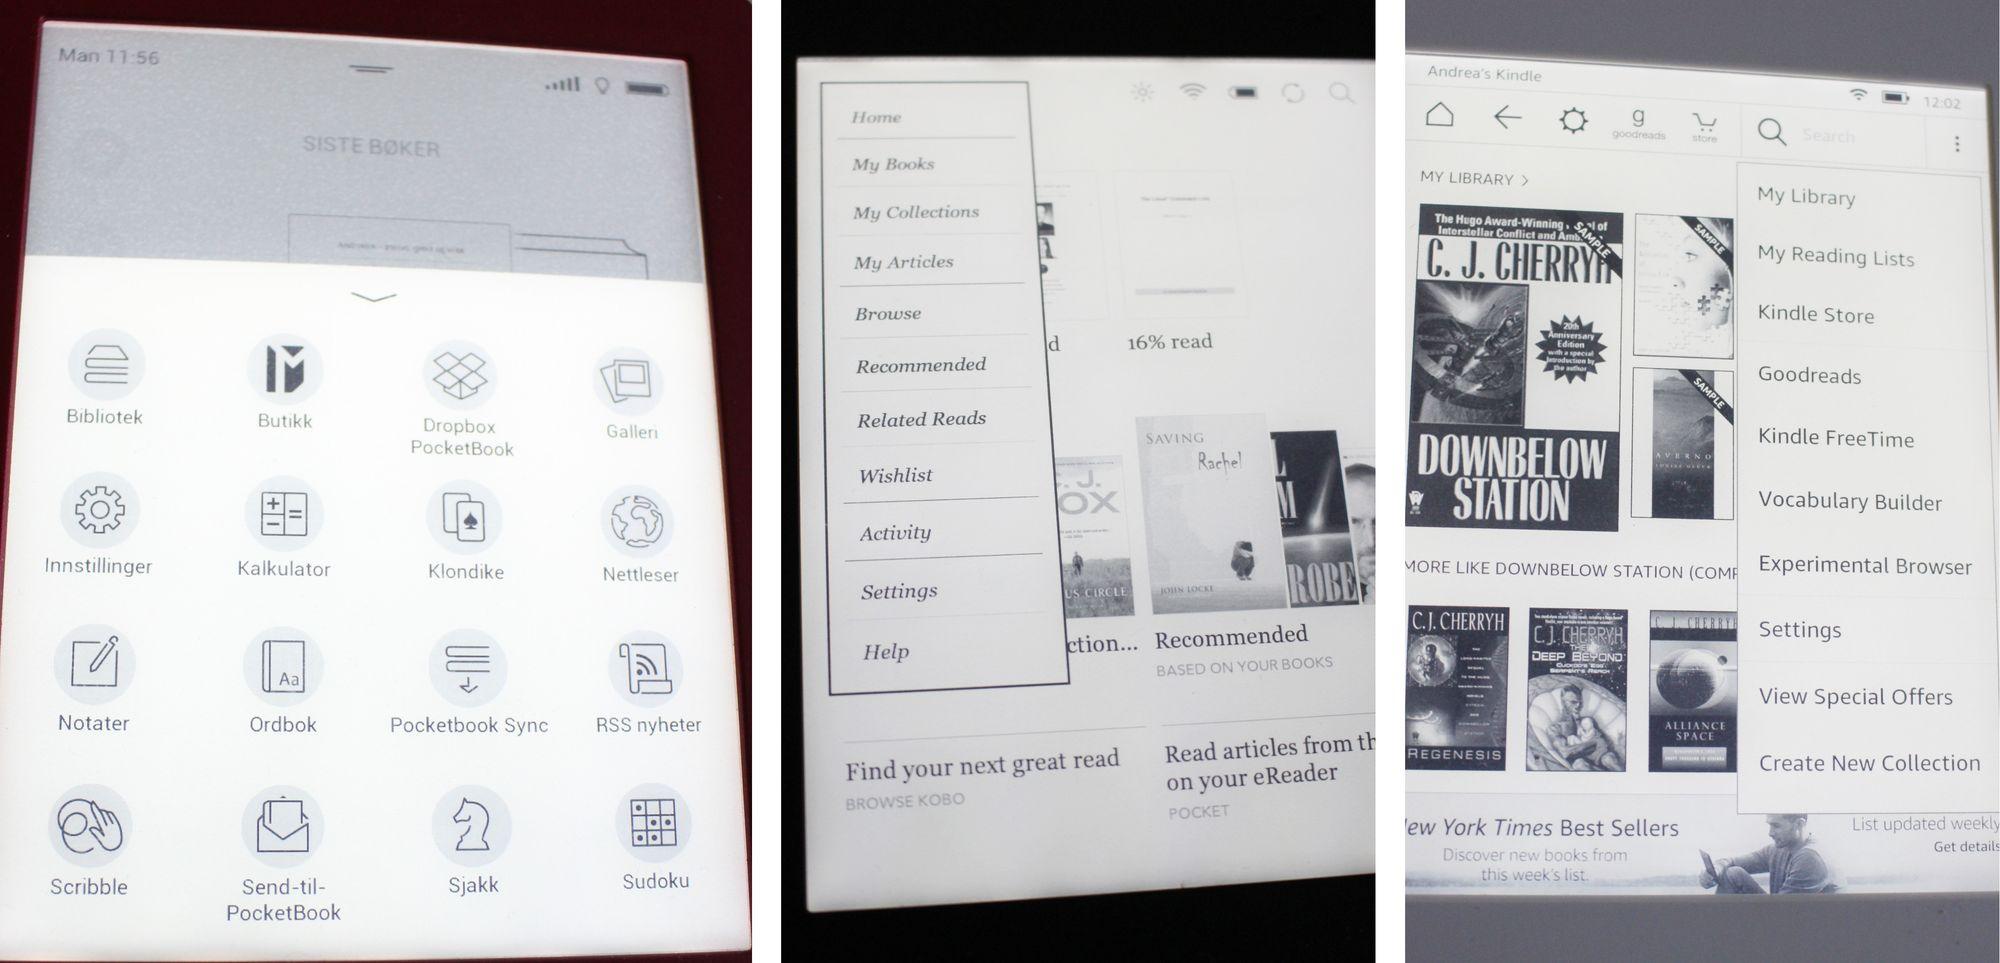 81a2cc98 Lesebrettene har litt forskjellige menyer. PocketBook (til venstre) skiller  seg fra Kobo (